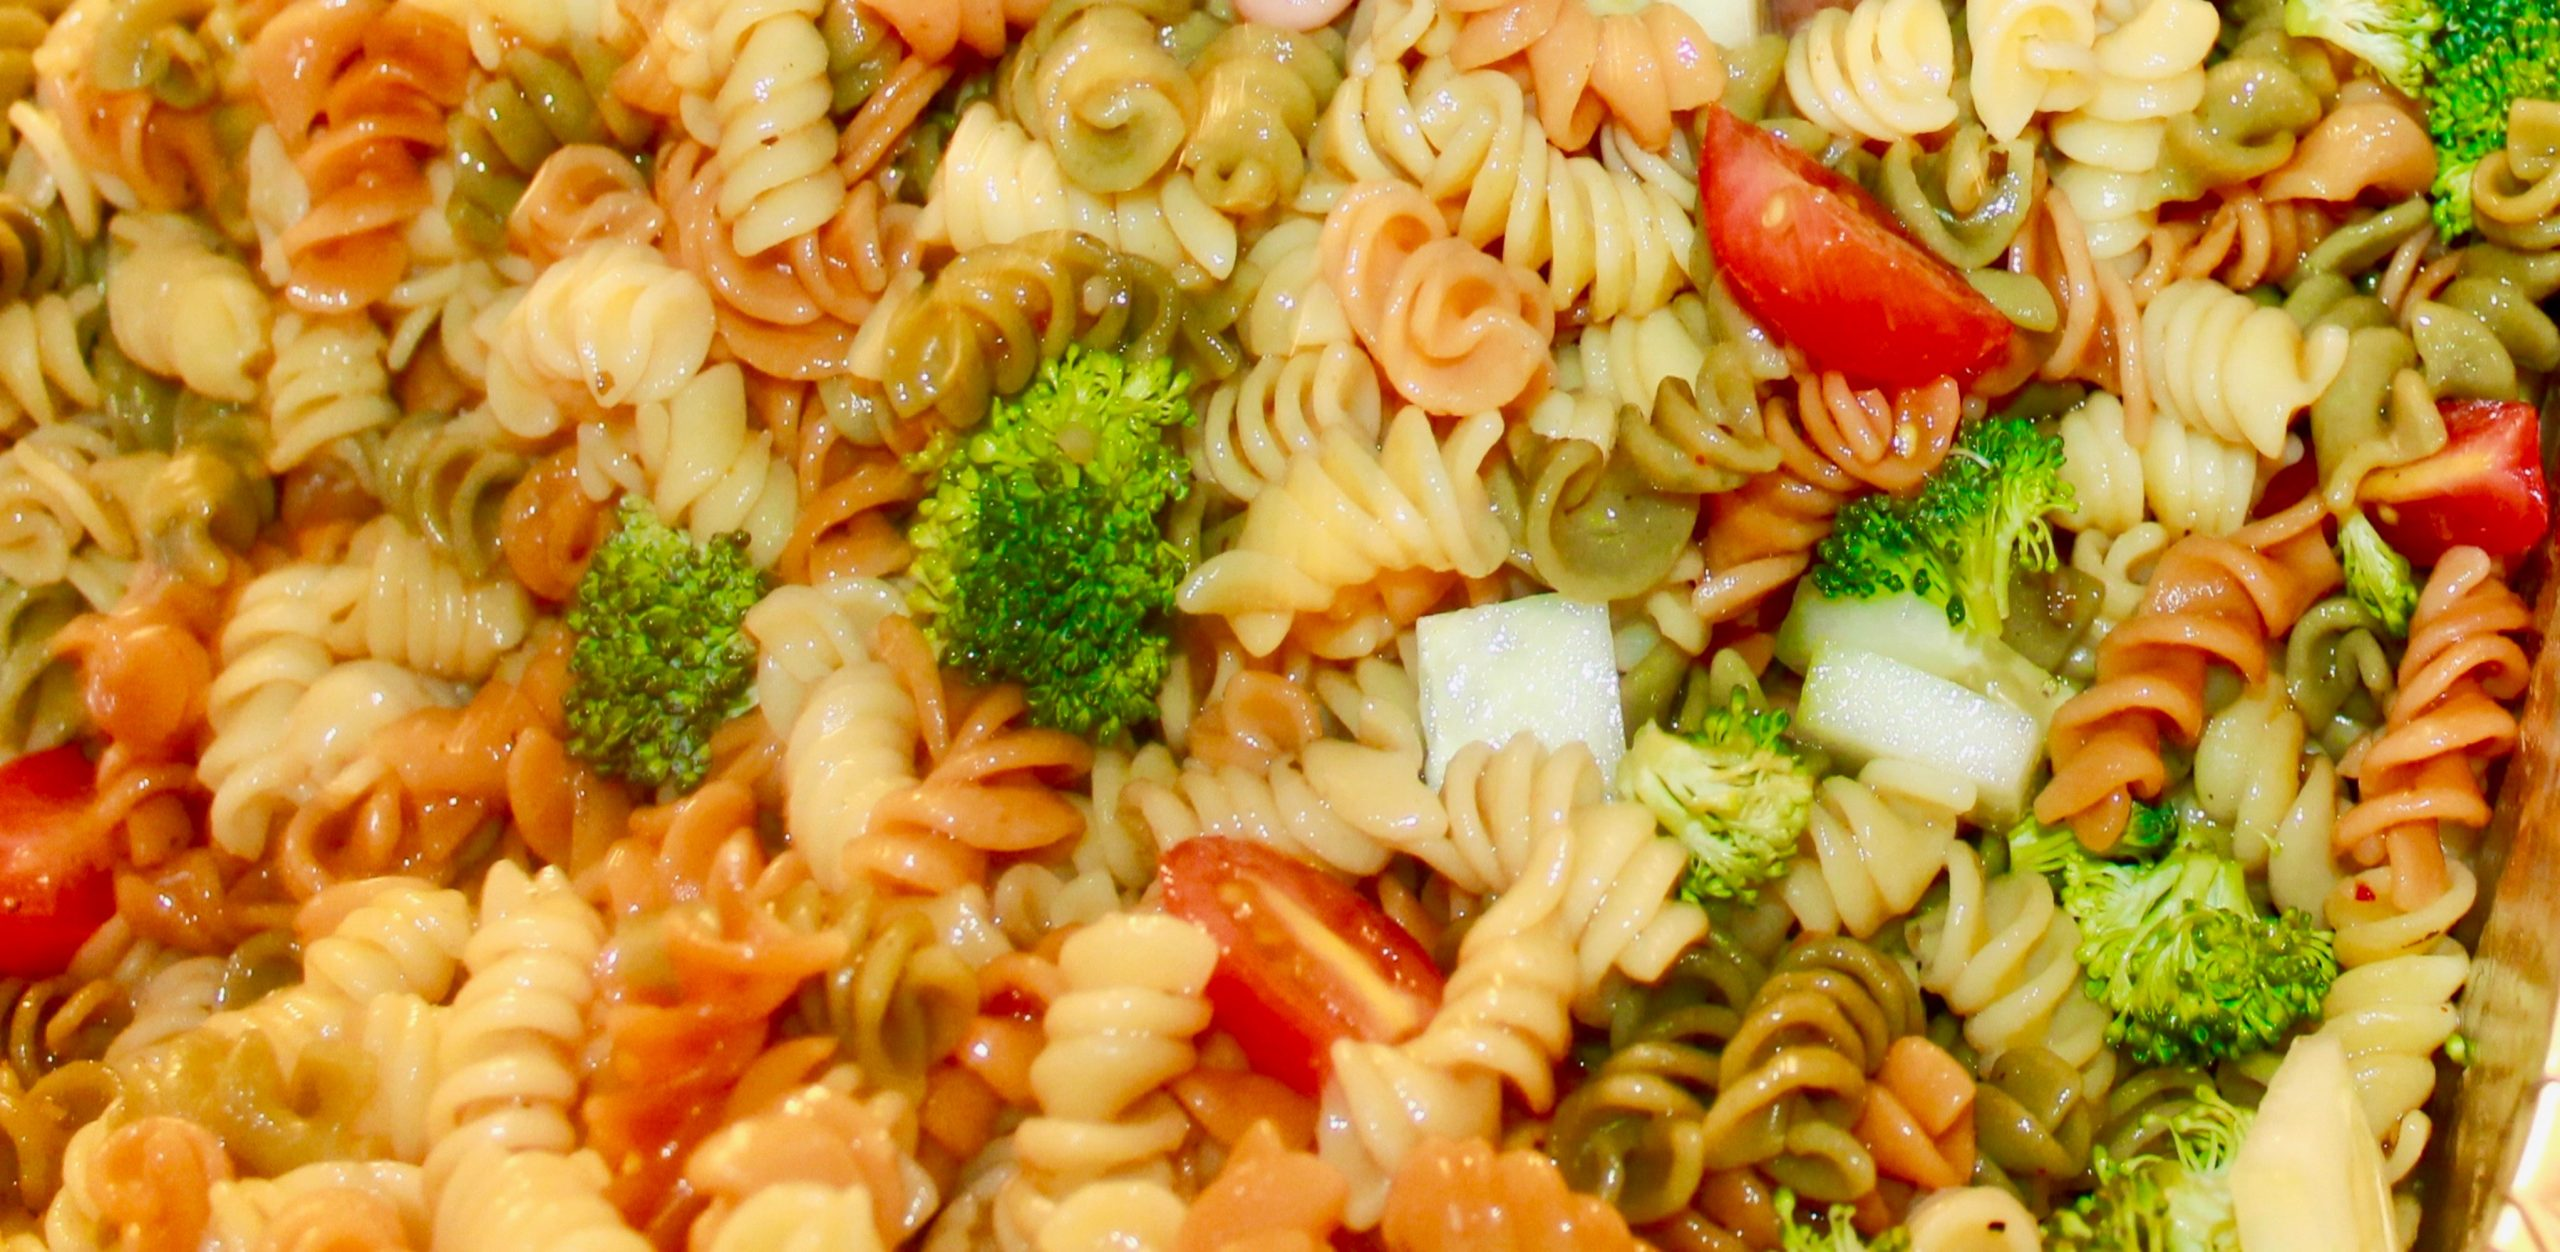 The Easiest Pasta Salad Recipe